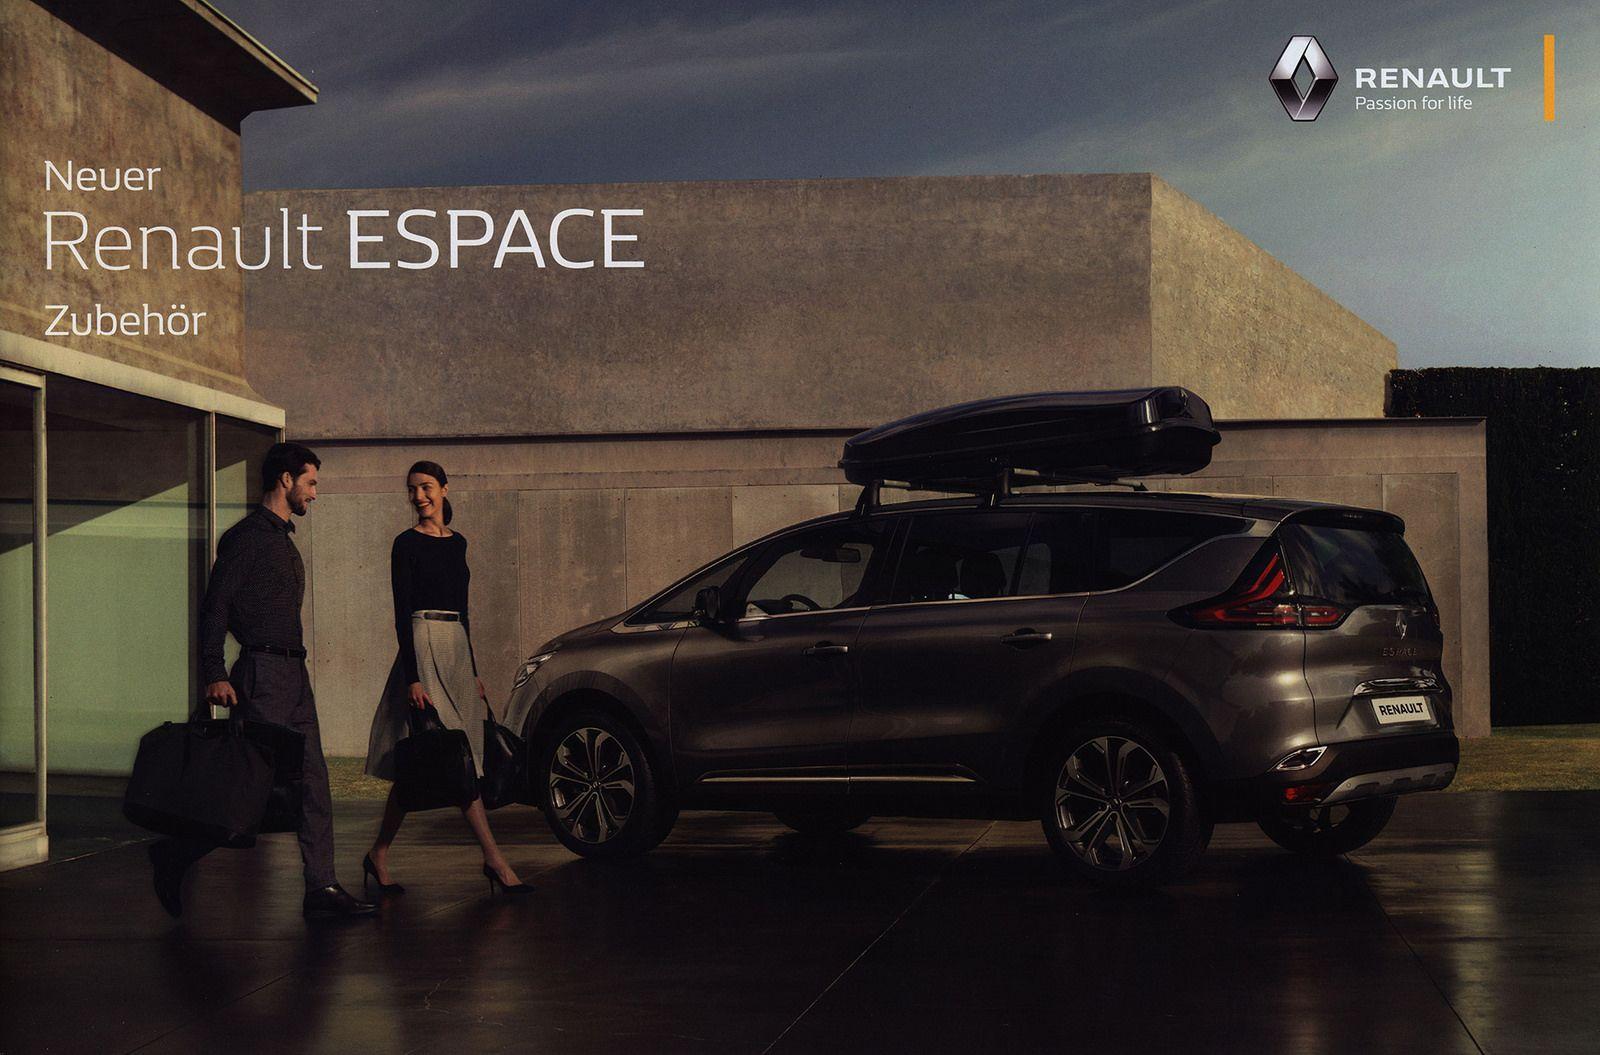 https://flic.kr/p/L6gctS | Renault Espace Zubehör, neuer; 2015_1